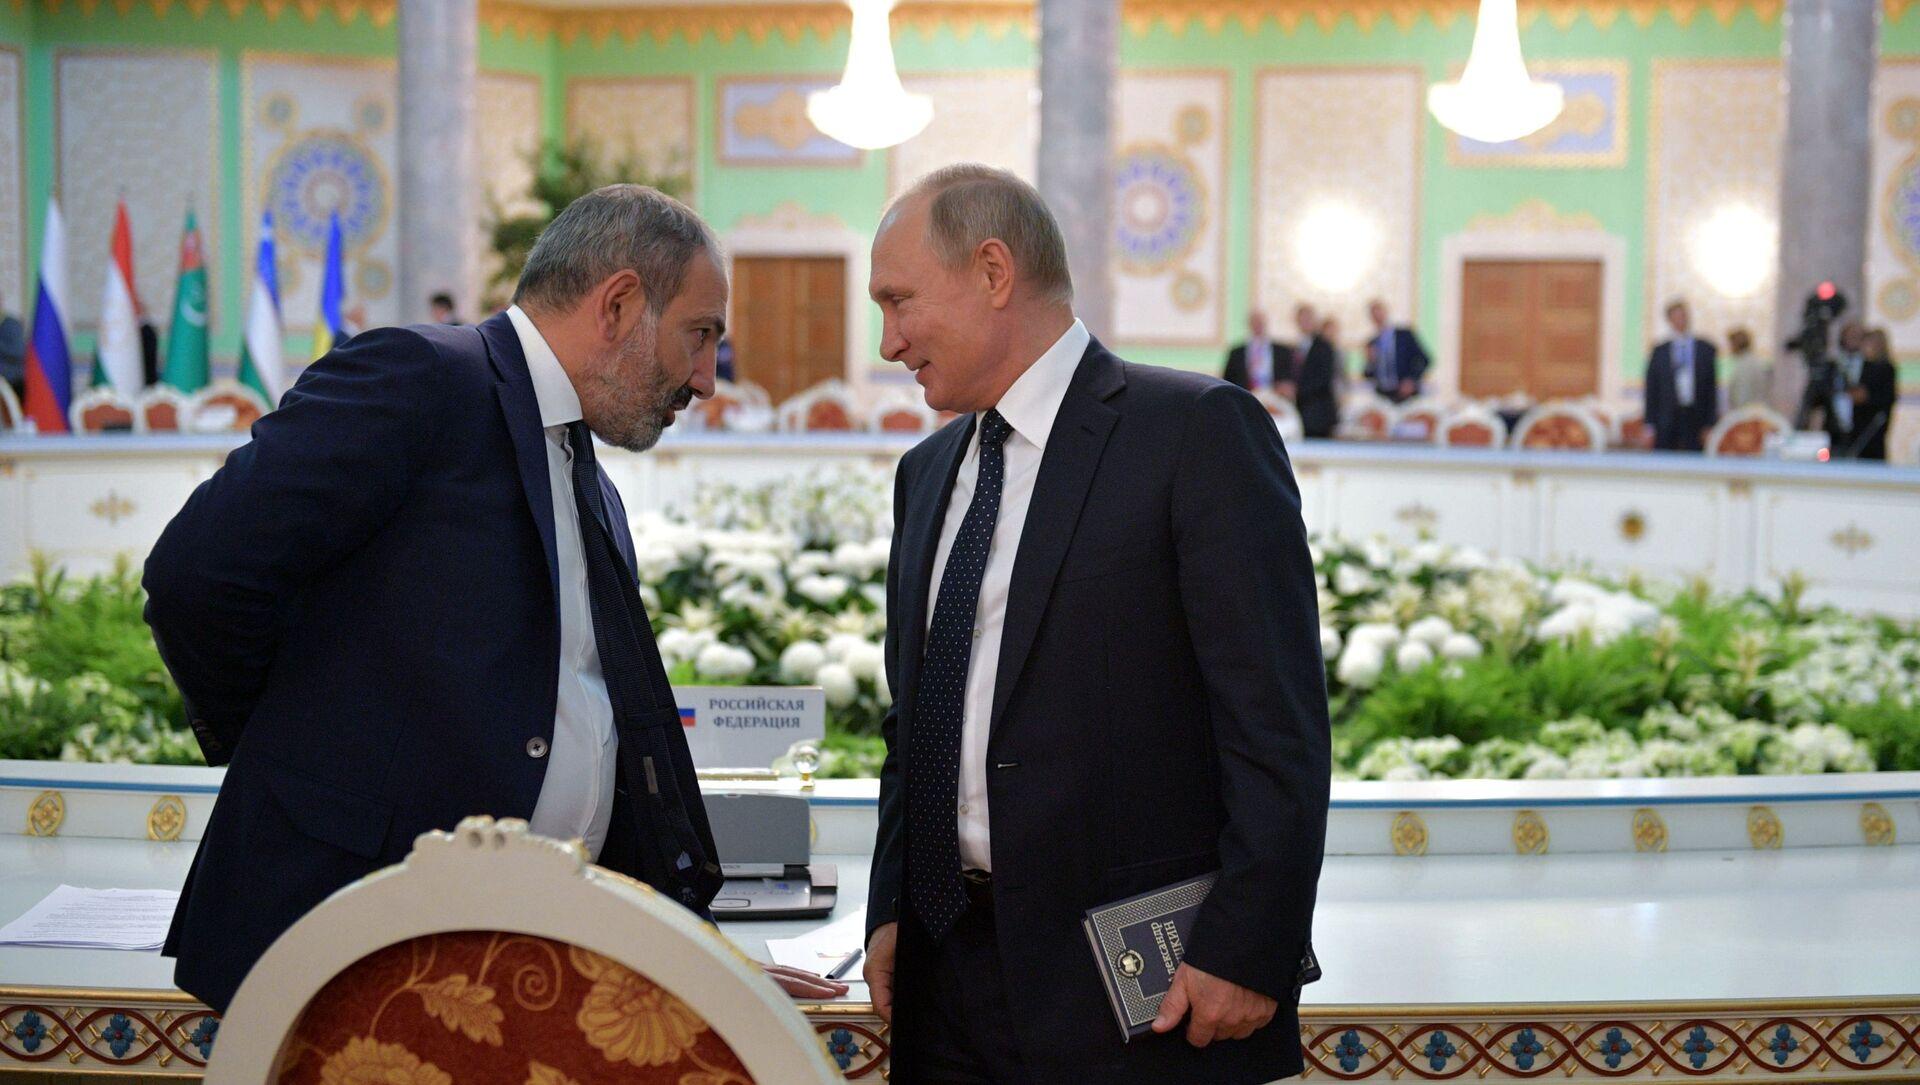 Президент РФ Владимир Путин и премьер-министр Армении Никол Пашинян - Sputnik Азербайджан, 1920, 06.07.2021